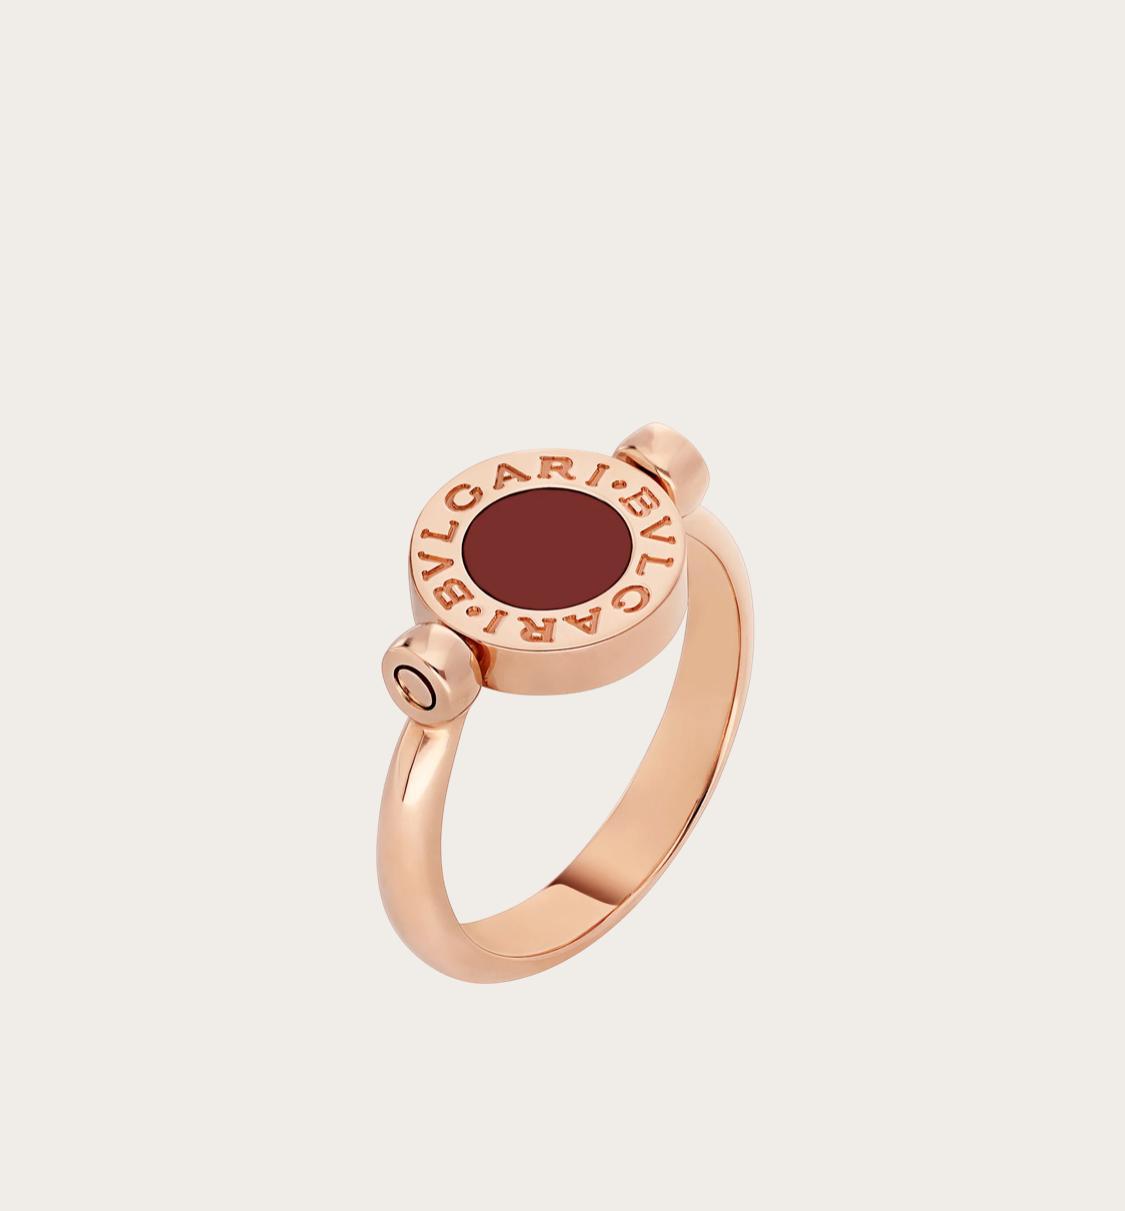 خاتم تقليدي من علامة بولغري Bvlgari